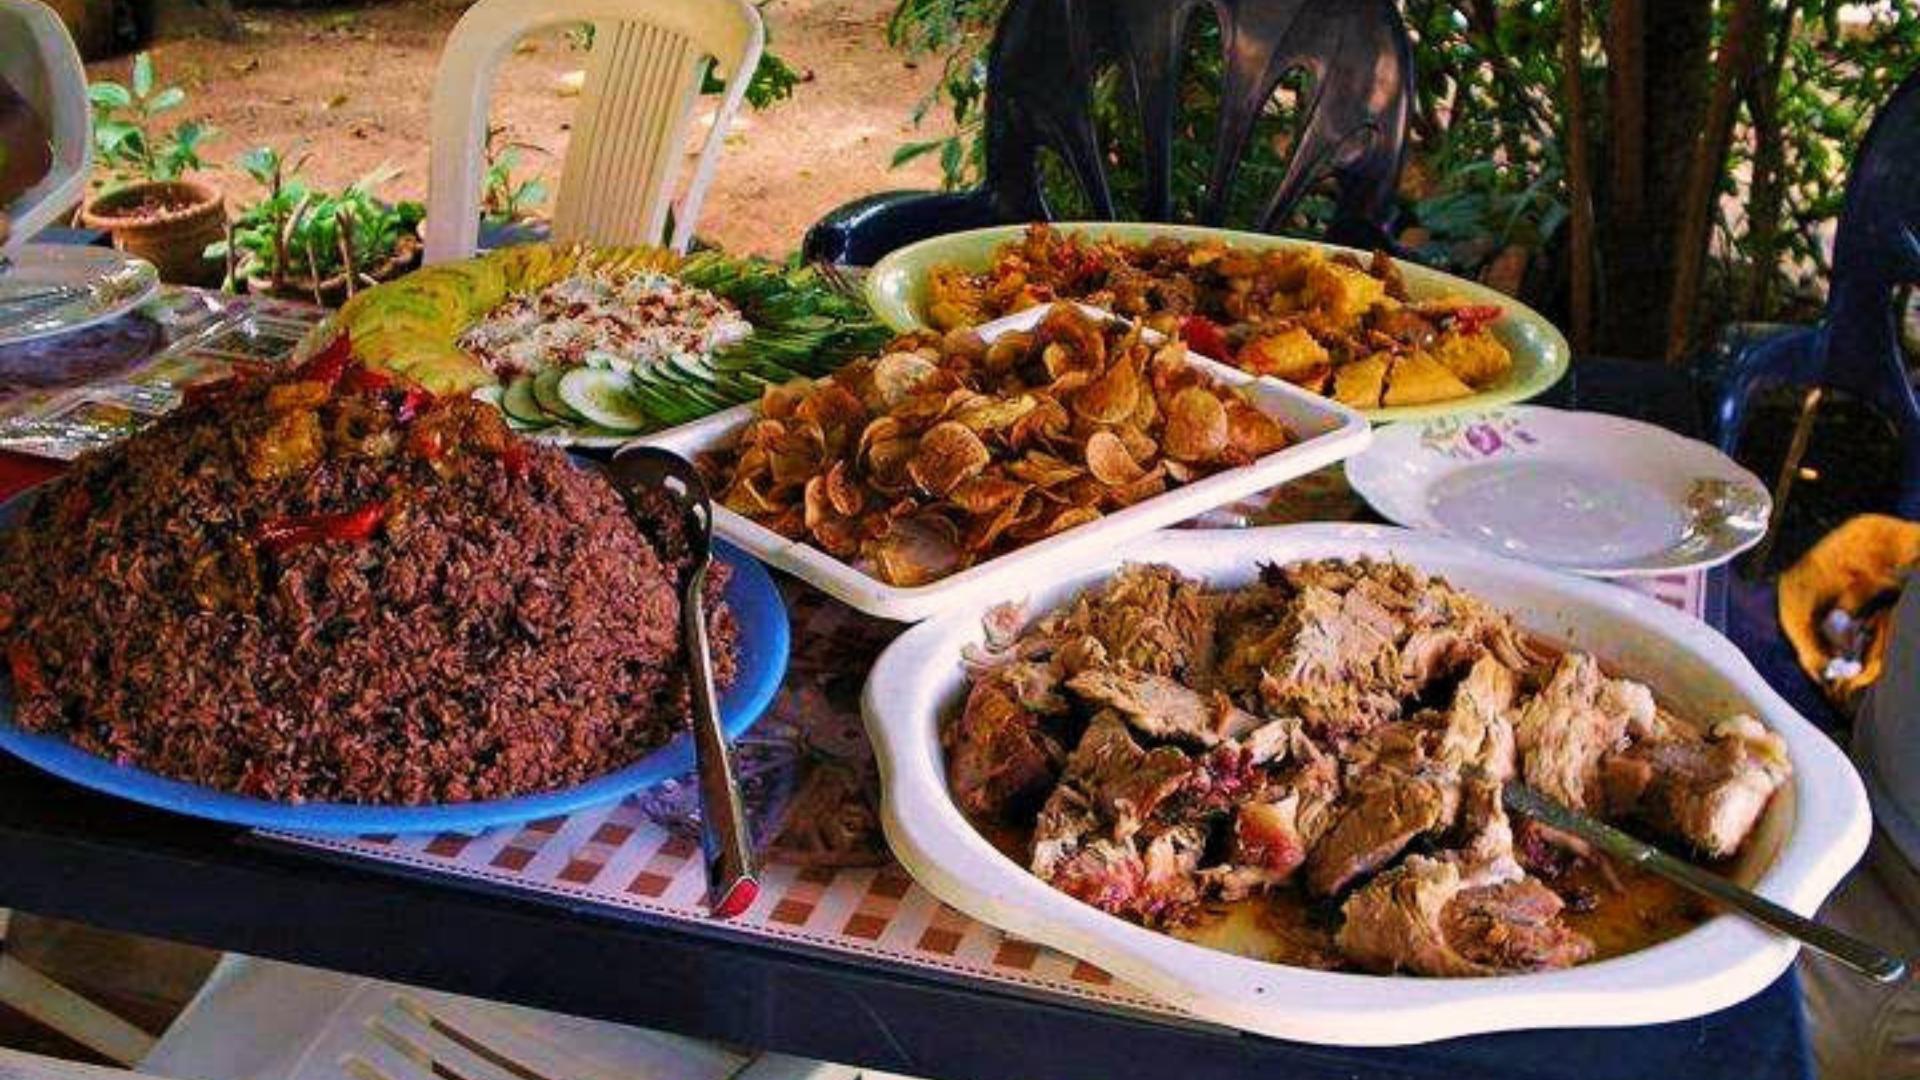 Kuchnia kubańska, czyli dlaczego fasola i ryż